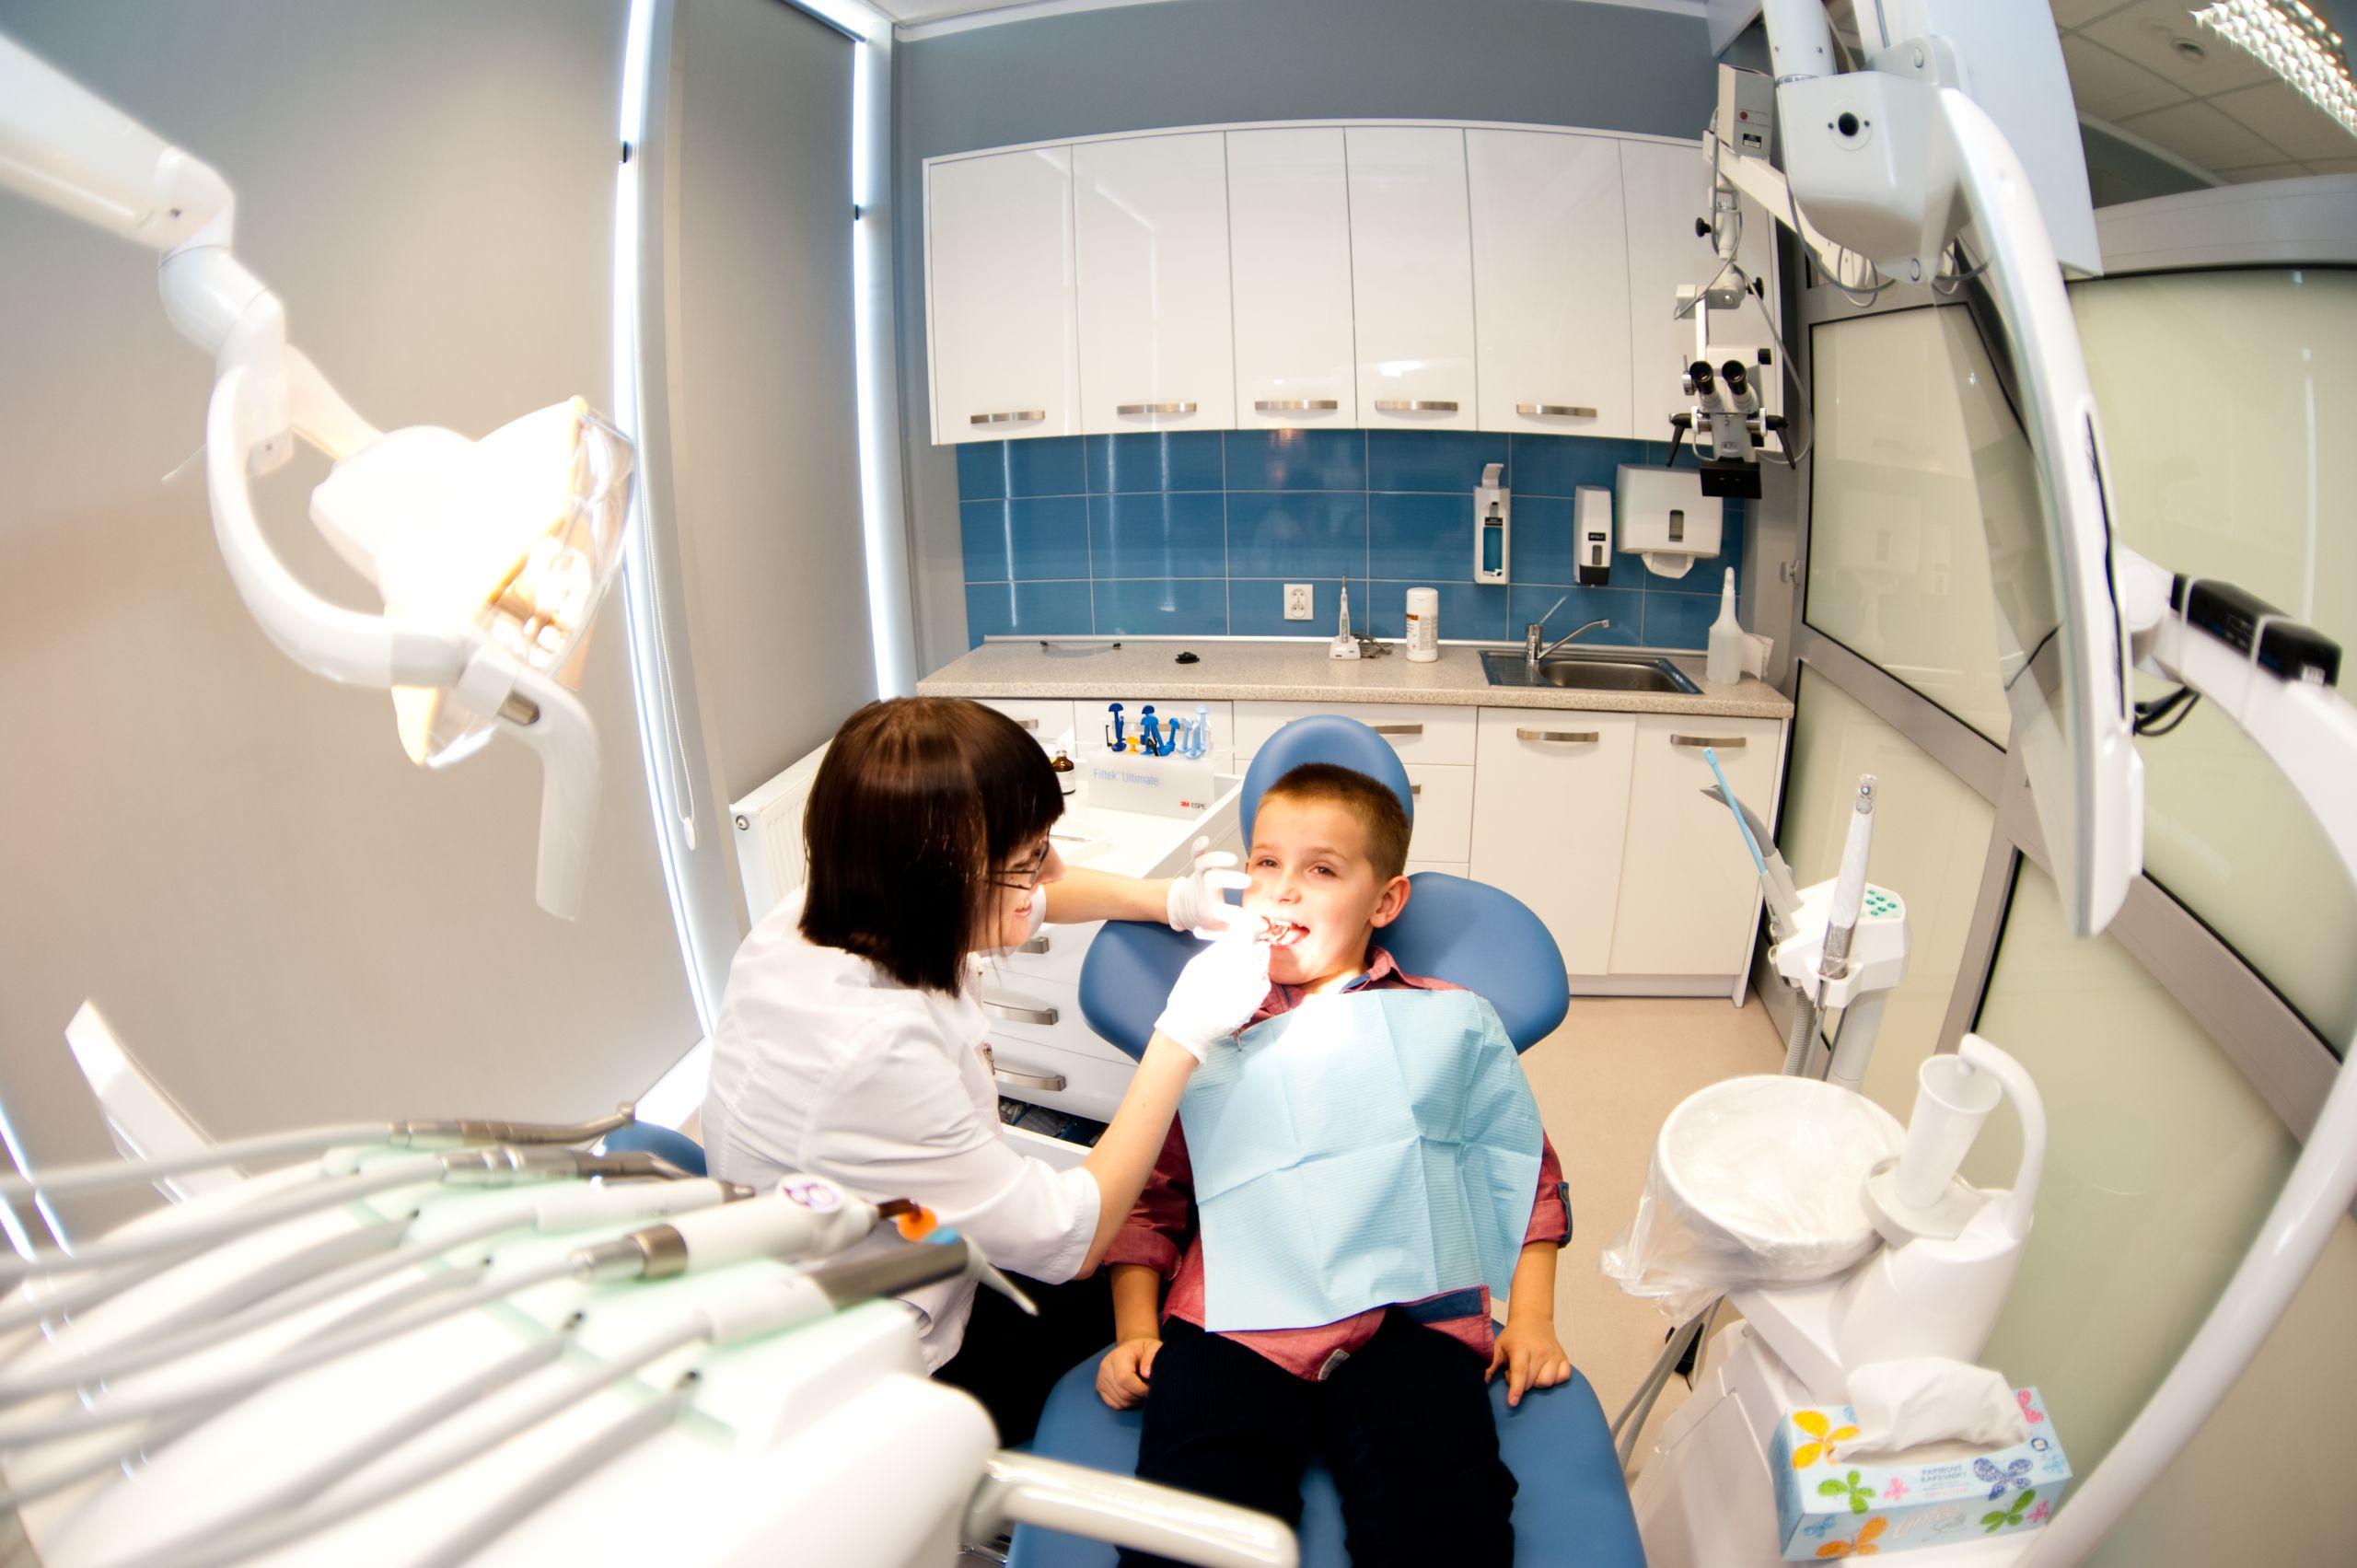 Czego potrzebujemy do otwarcia gabinetu stomatologicznego?